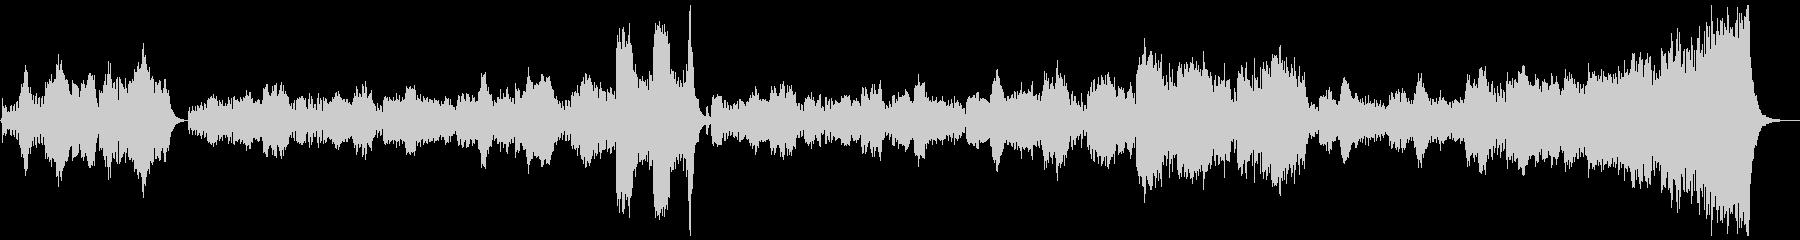 乾杯の歌 歌唱置き換え版の未再生の波形